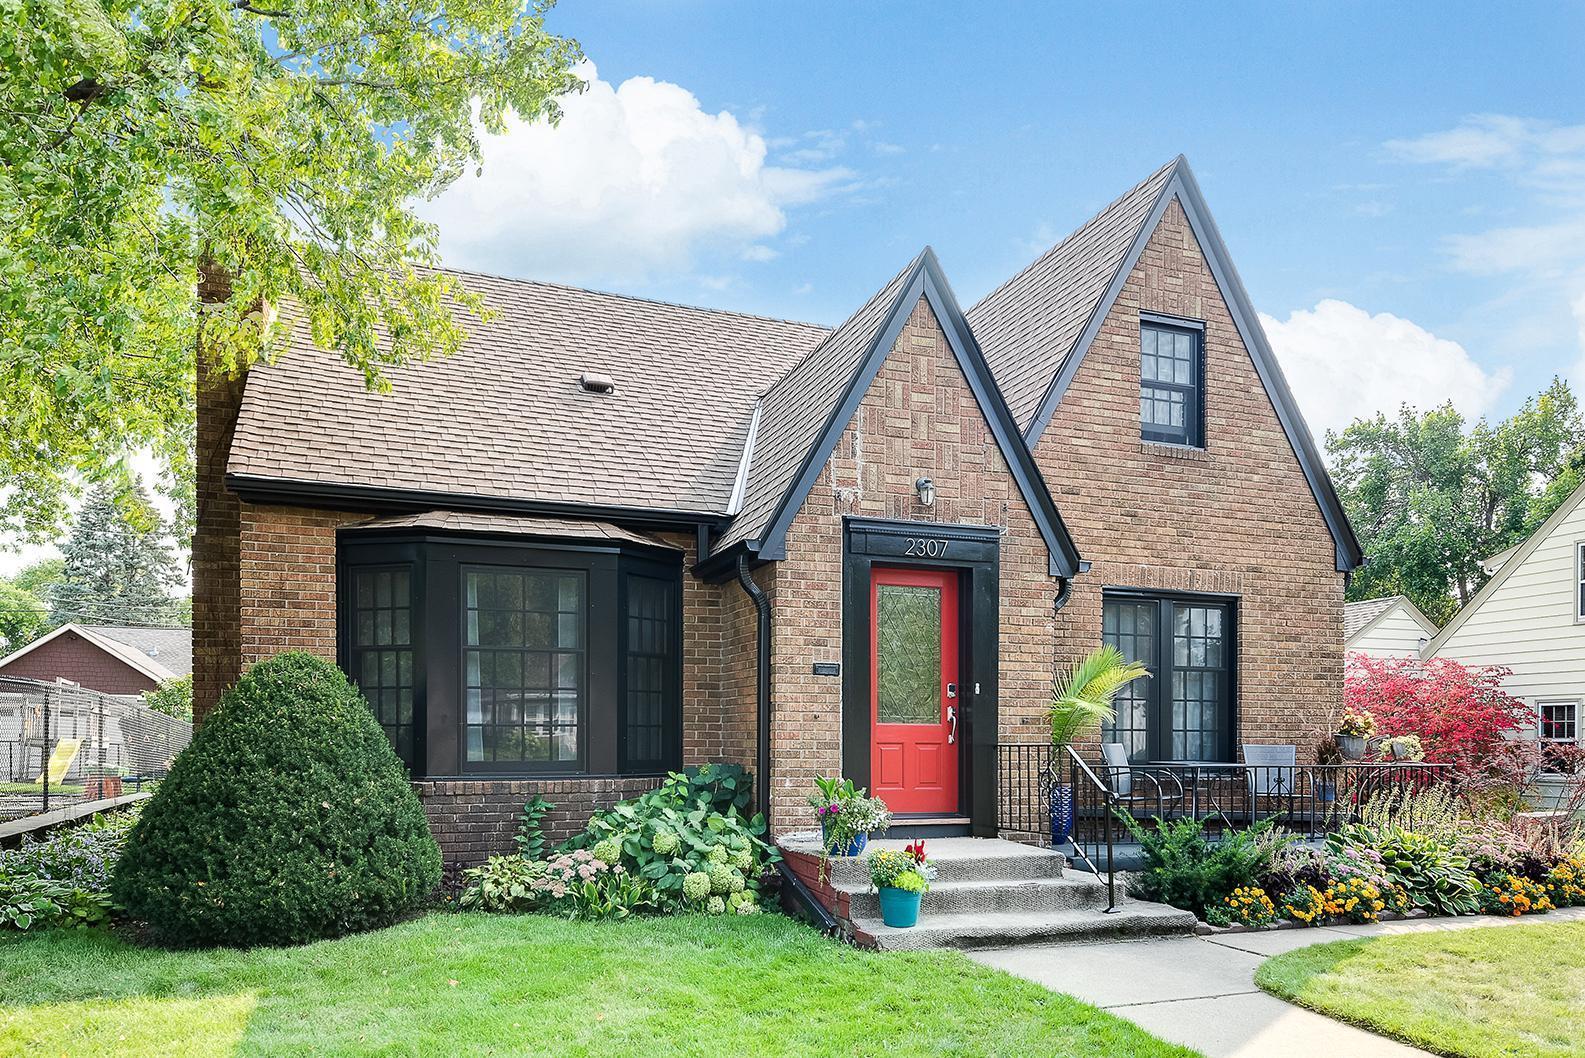 2307 Stinson Boulevard Property Photo - Minneapolis, MN real estate listing